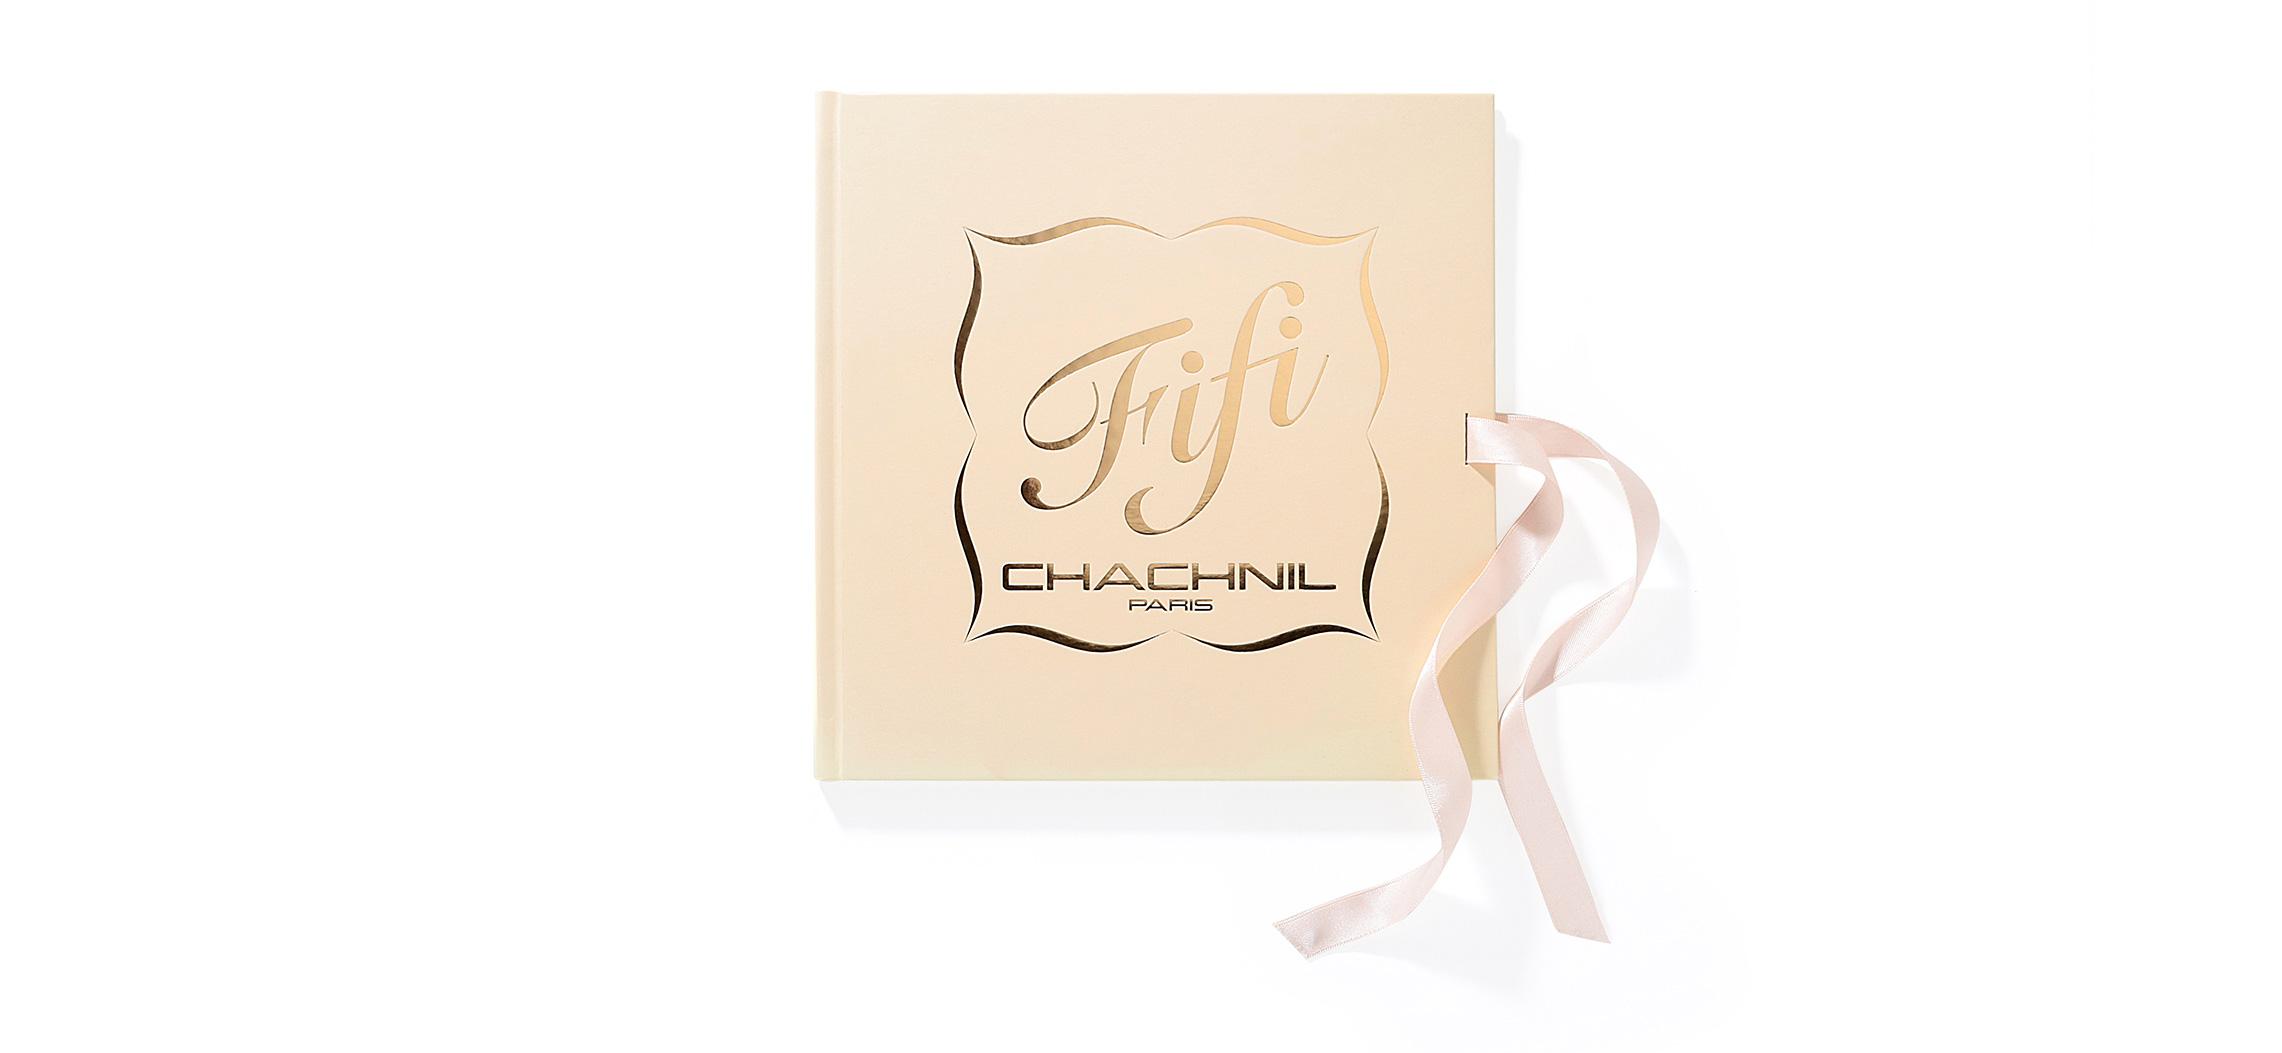 Fifi-Chachnil-1-cadre-opti-eleve copie